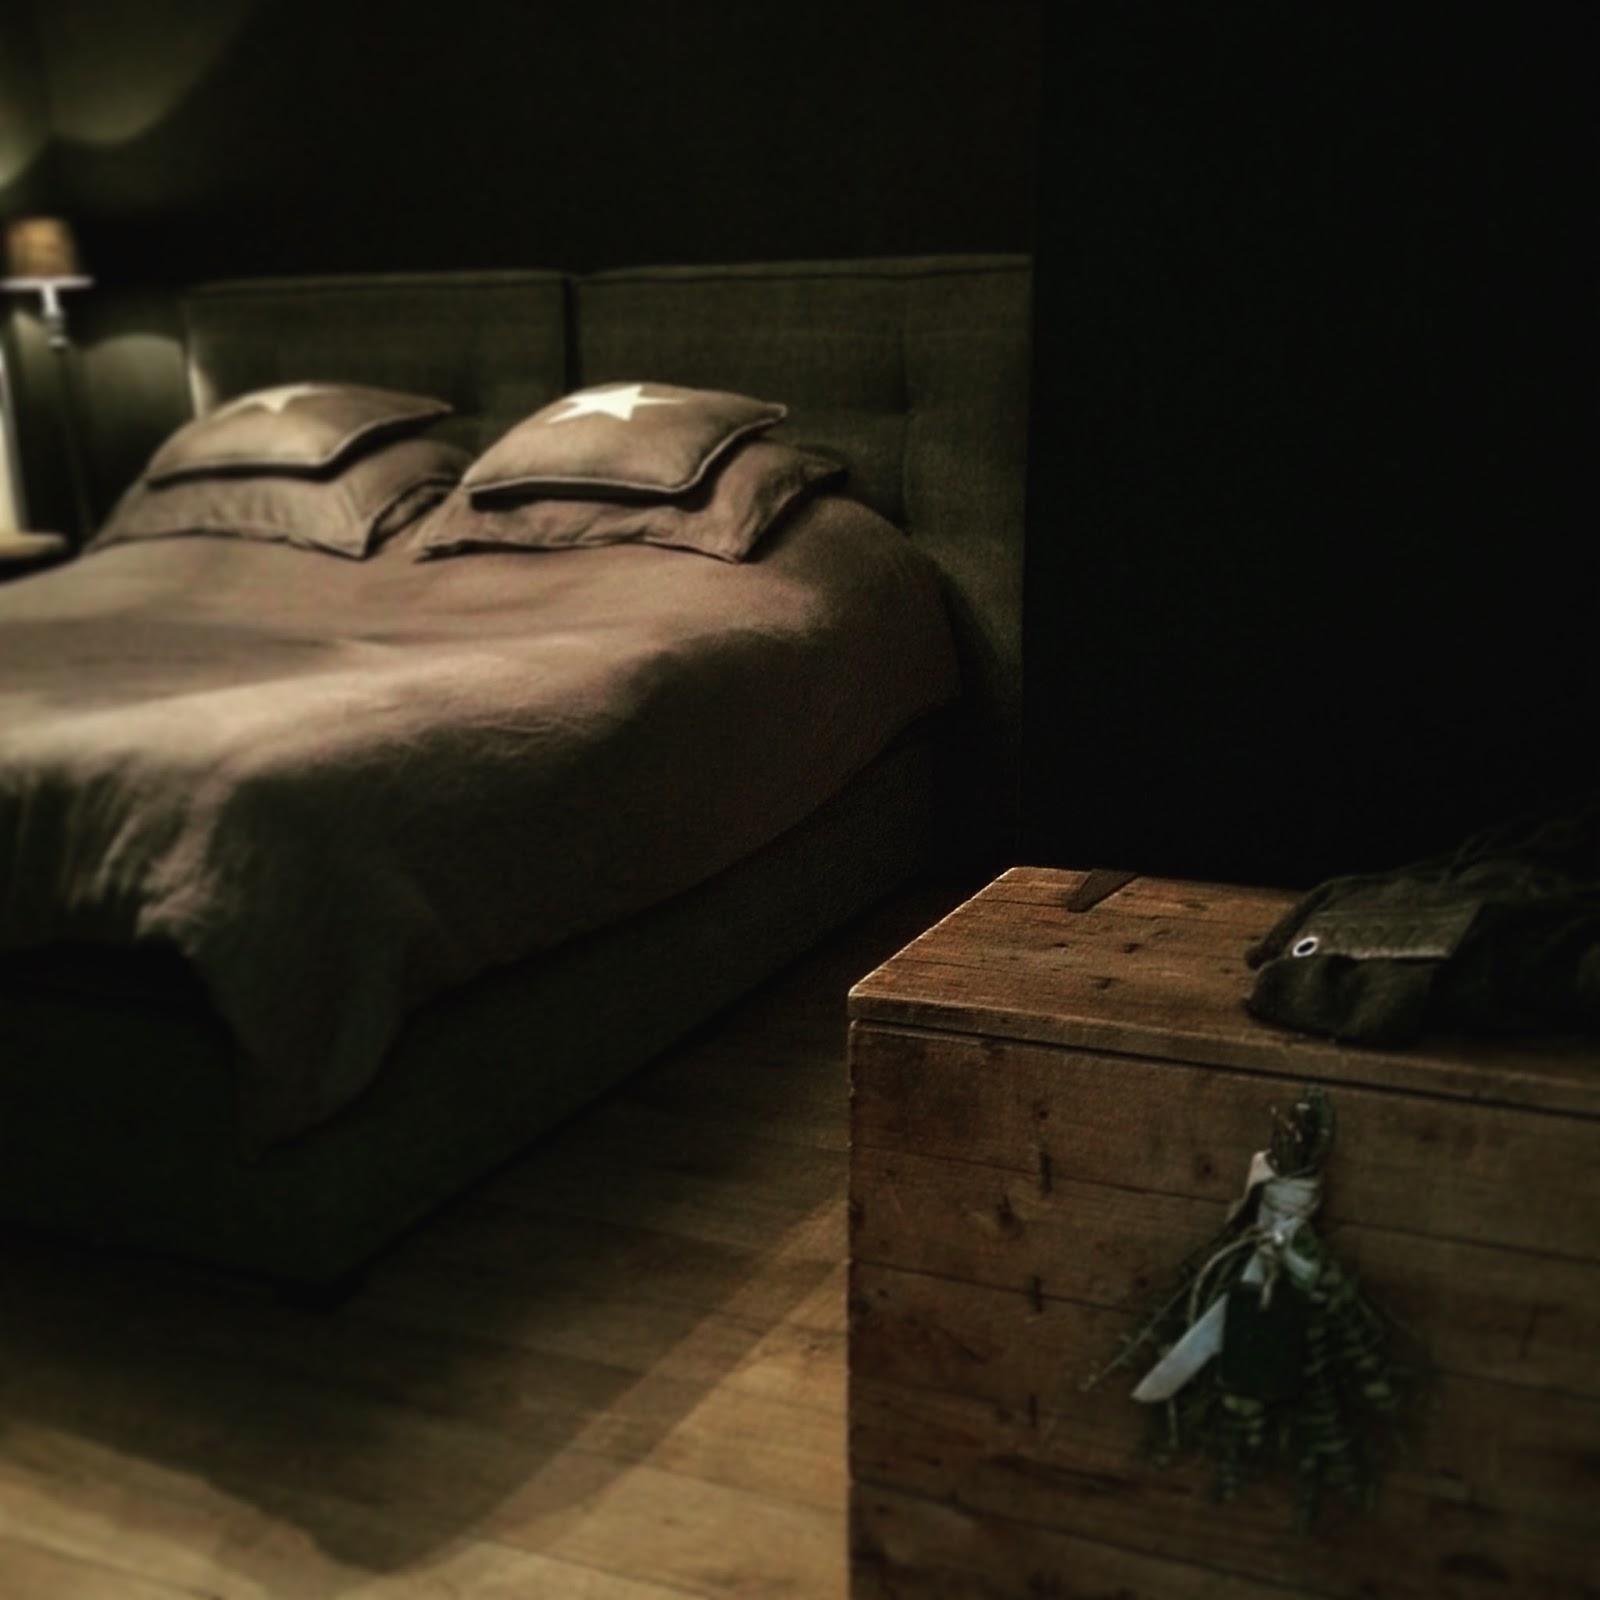 Spijshuisje: slaapkamer(s)